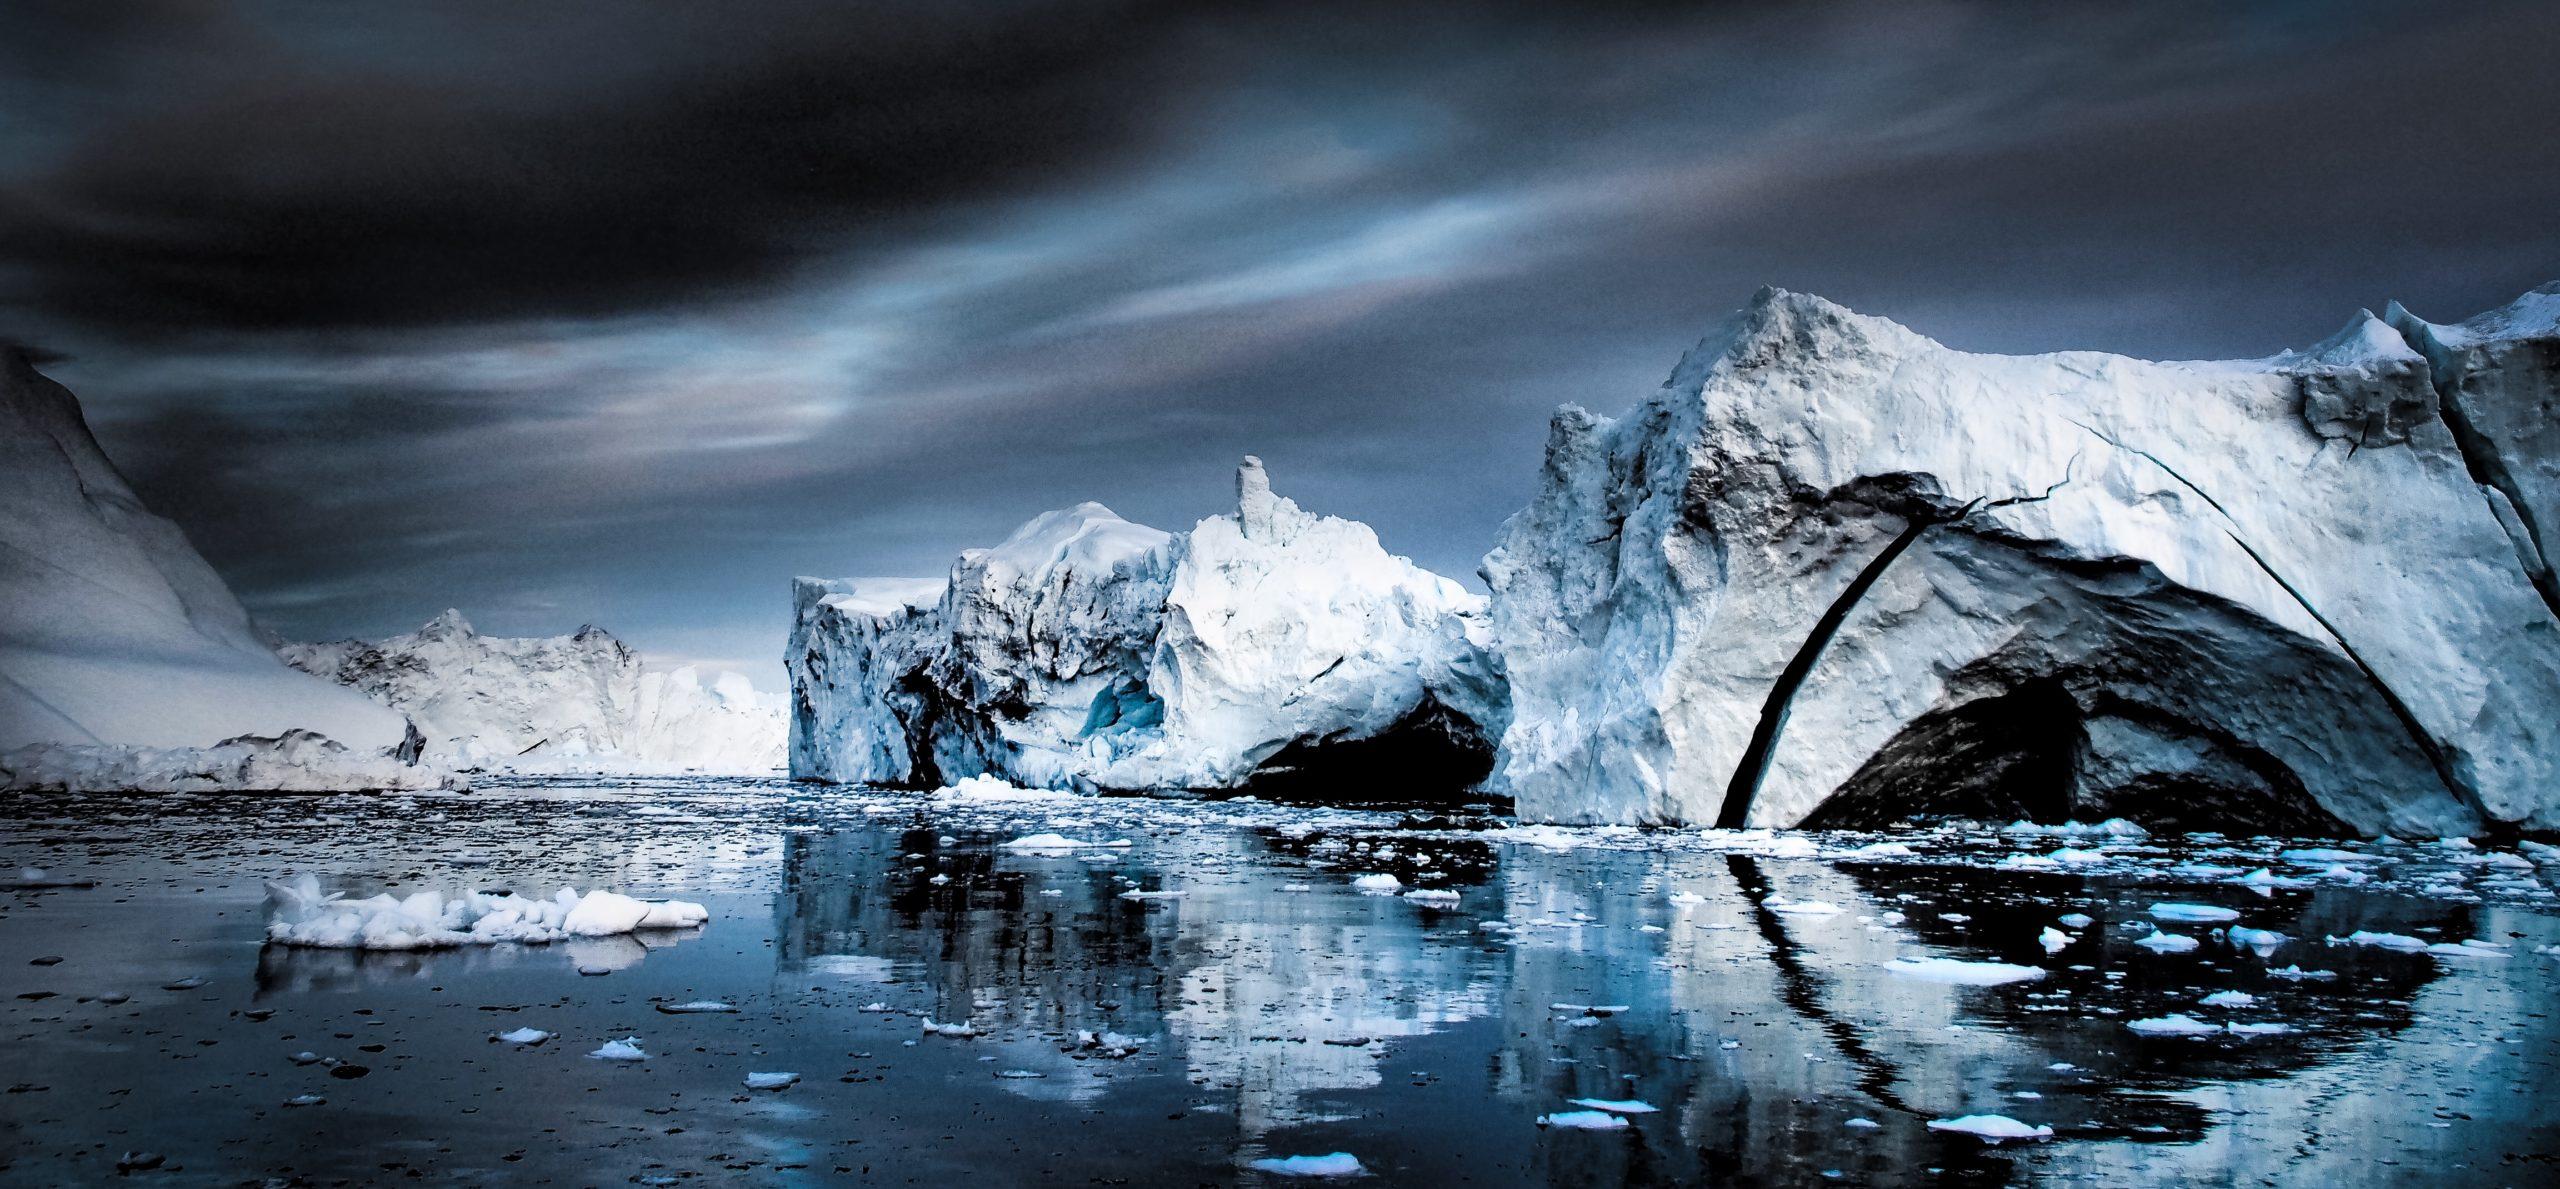 ¡Debemos detenerlo! Así buscan explotar minería en Groenlandia